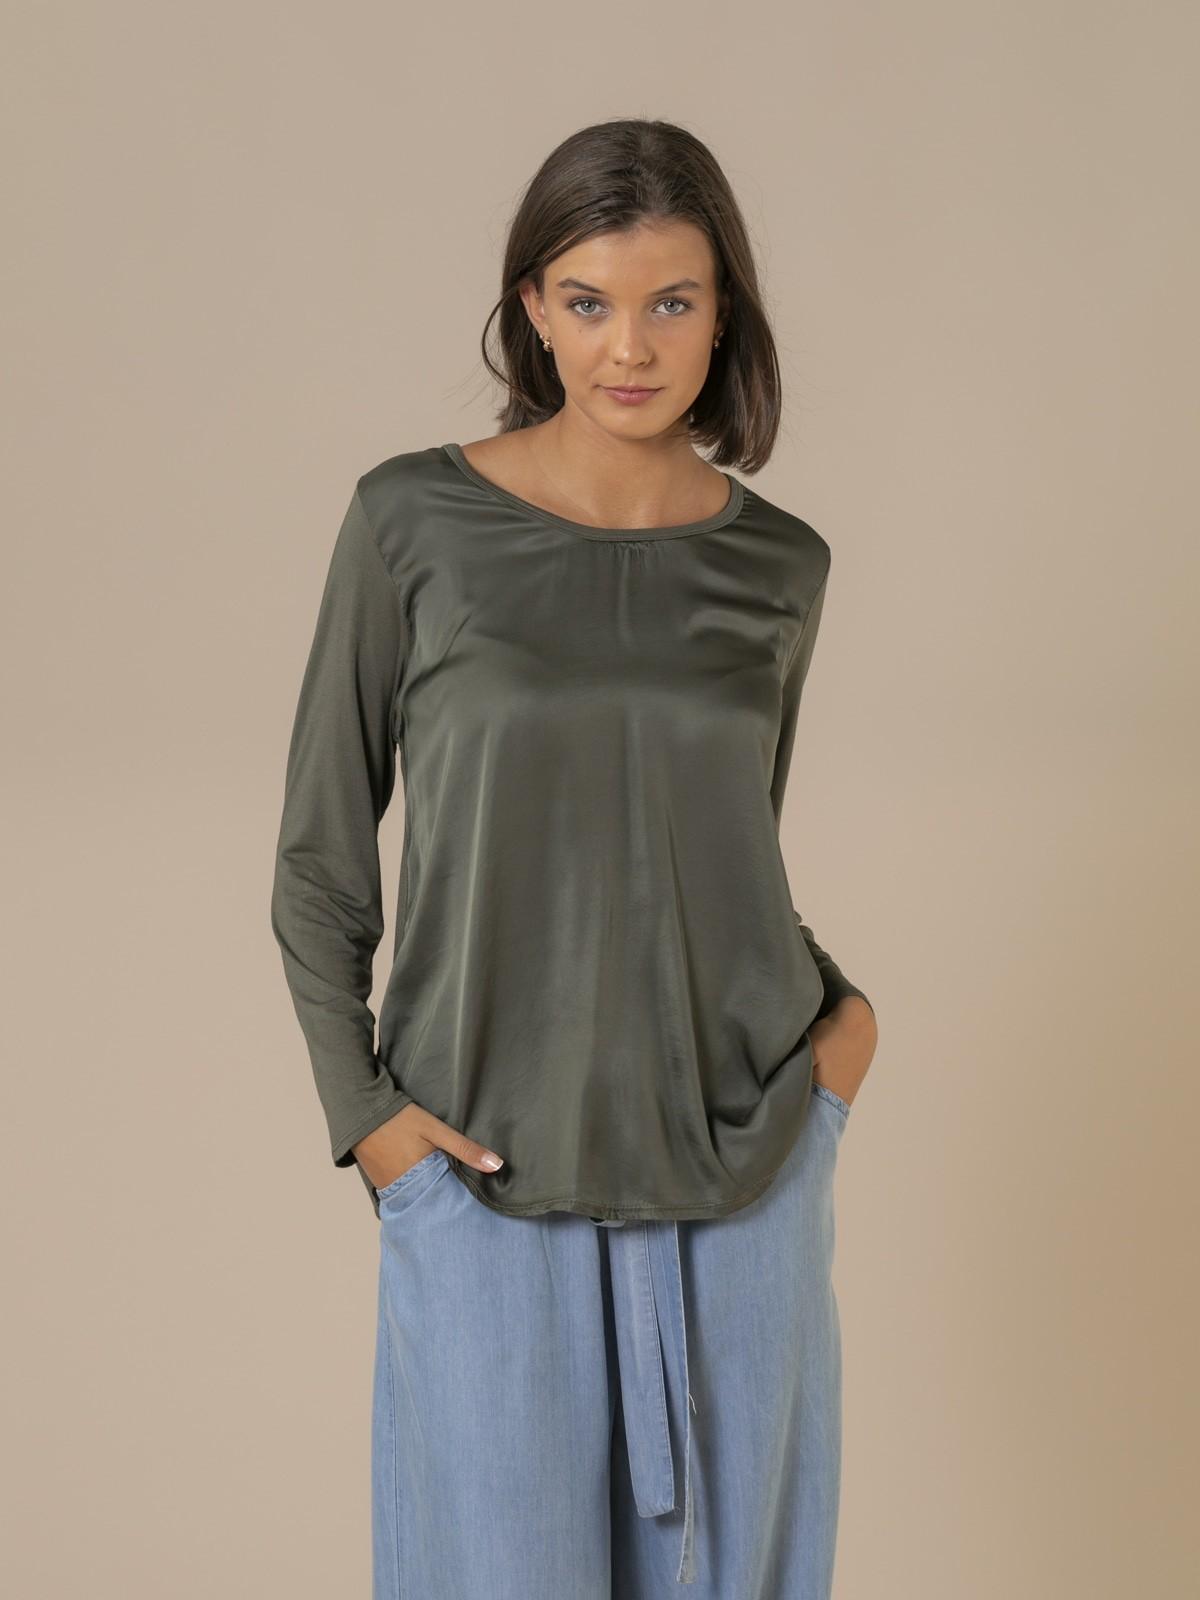 Woman Long sleeve flowy t-shirt Khaki